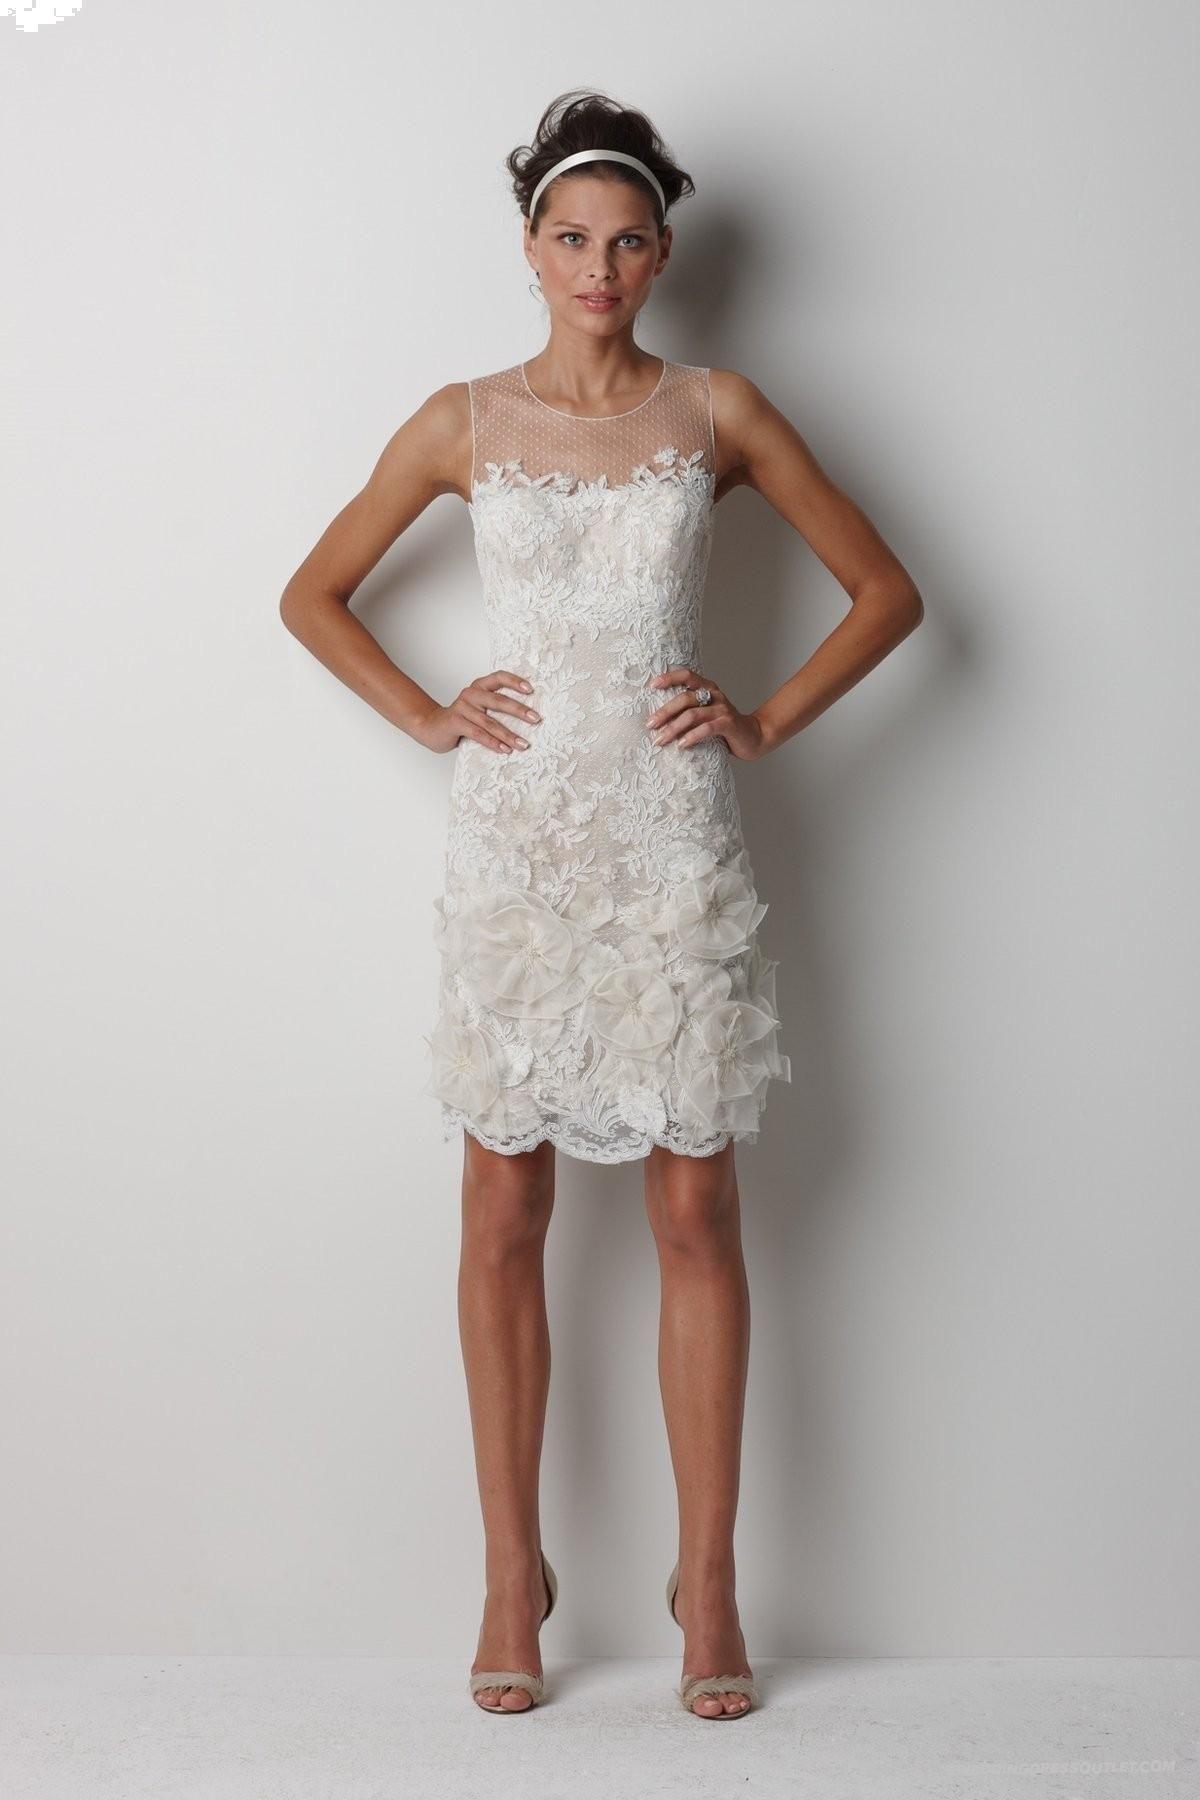 Spitze Kurz Hochzeitskleider Pinterest Kurzes Kleid